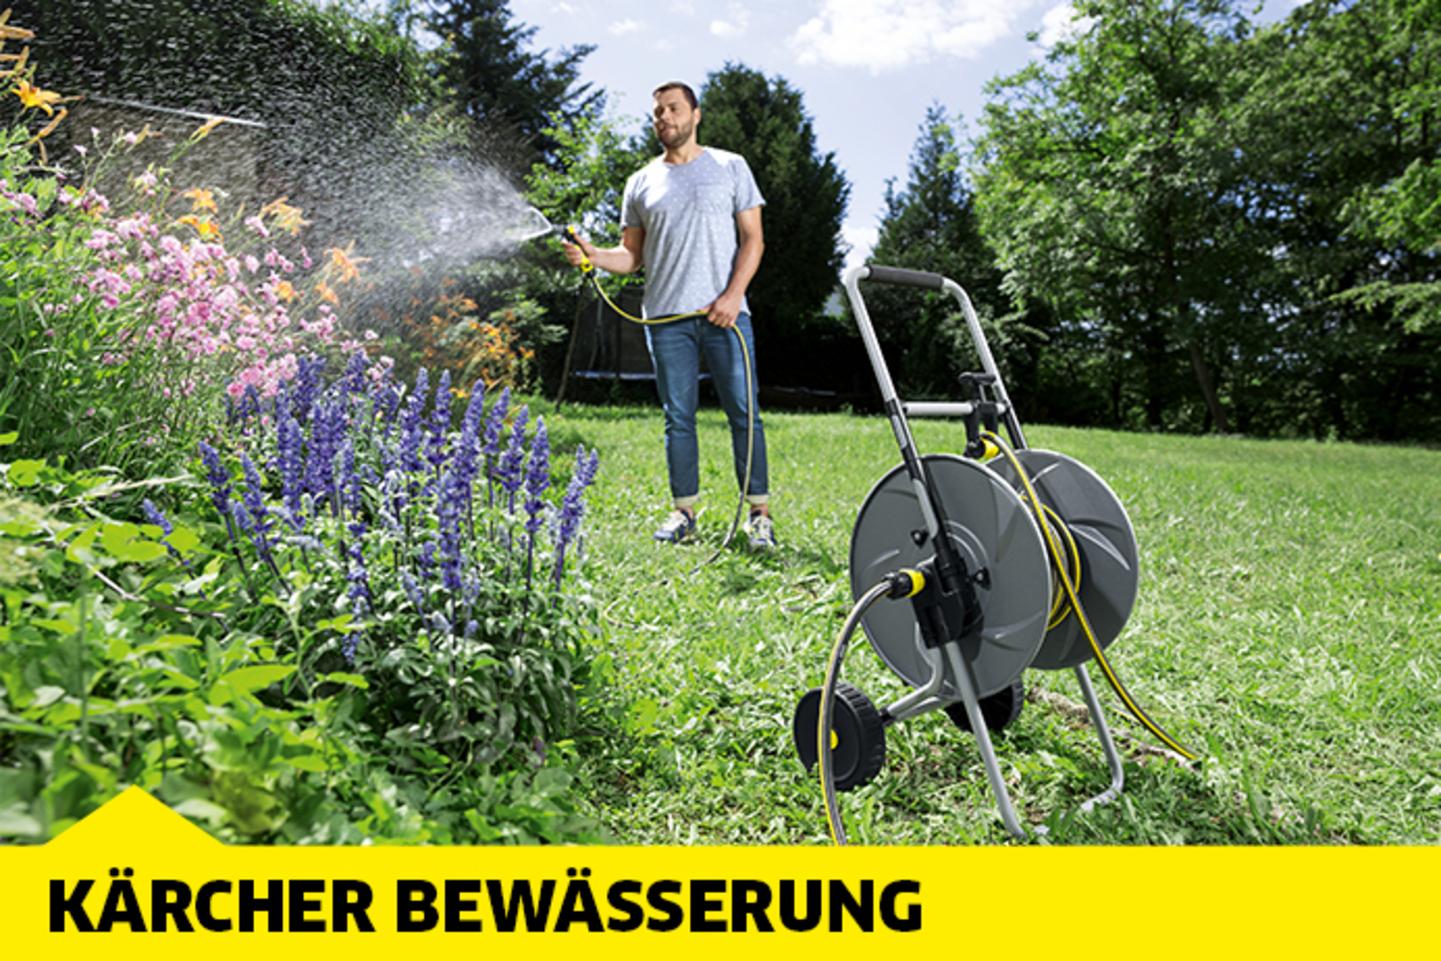 Kärcher Bewässerung